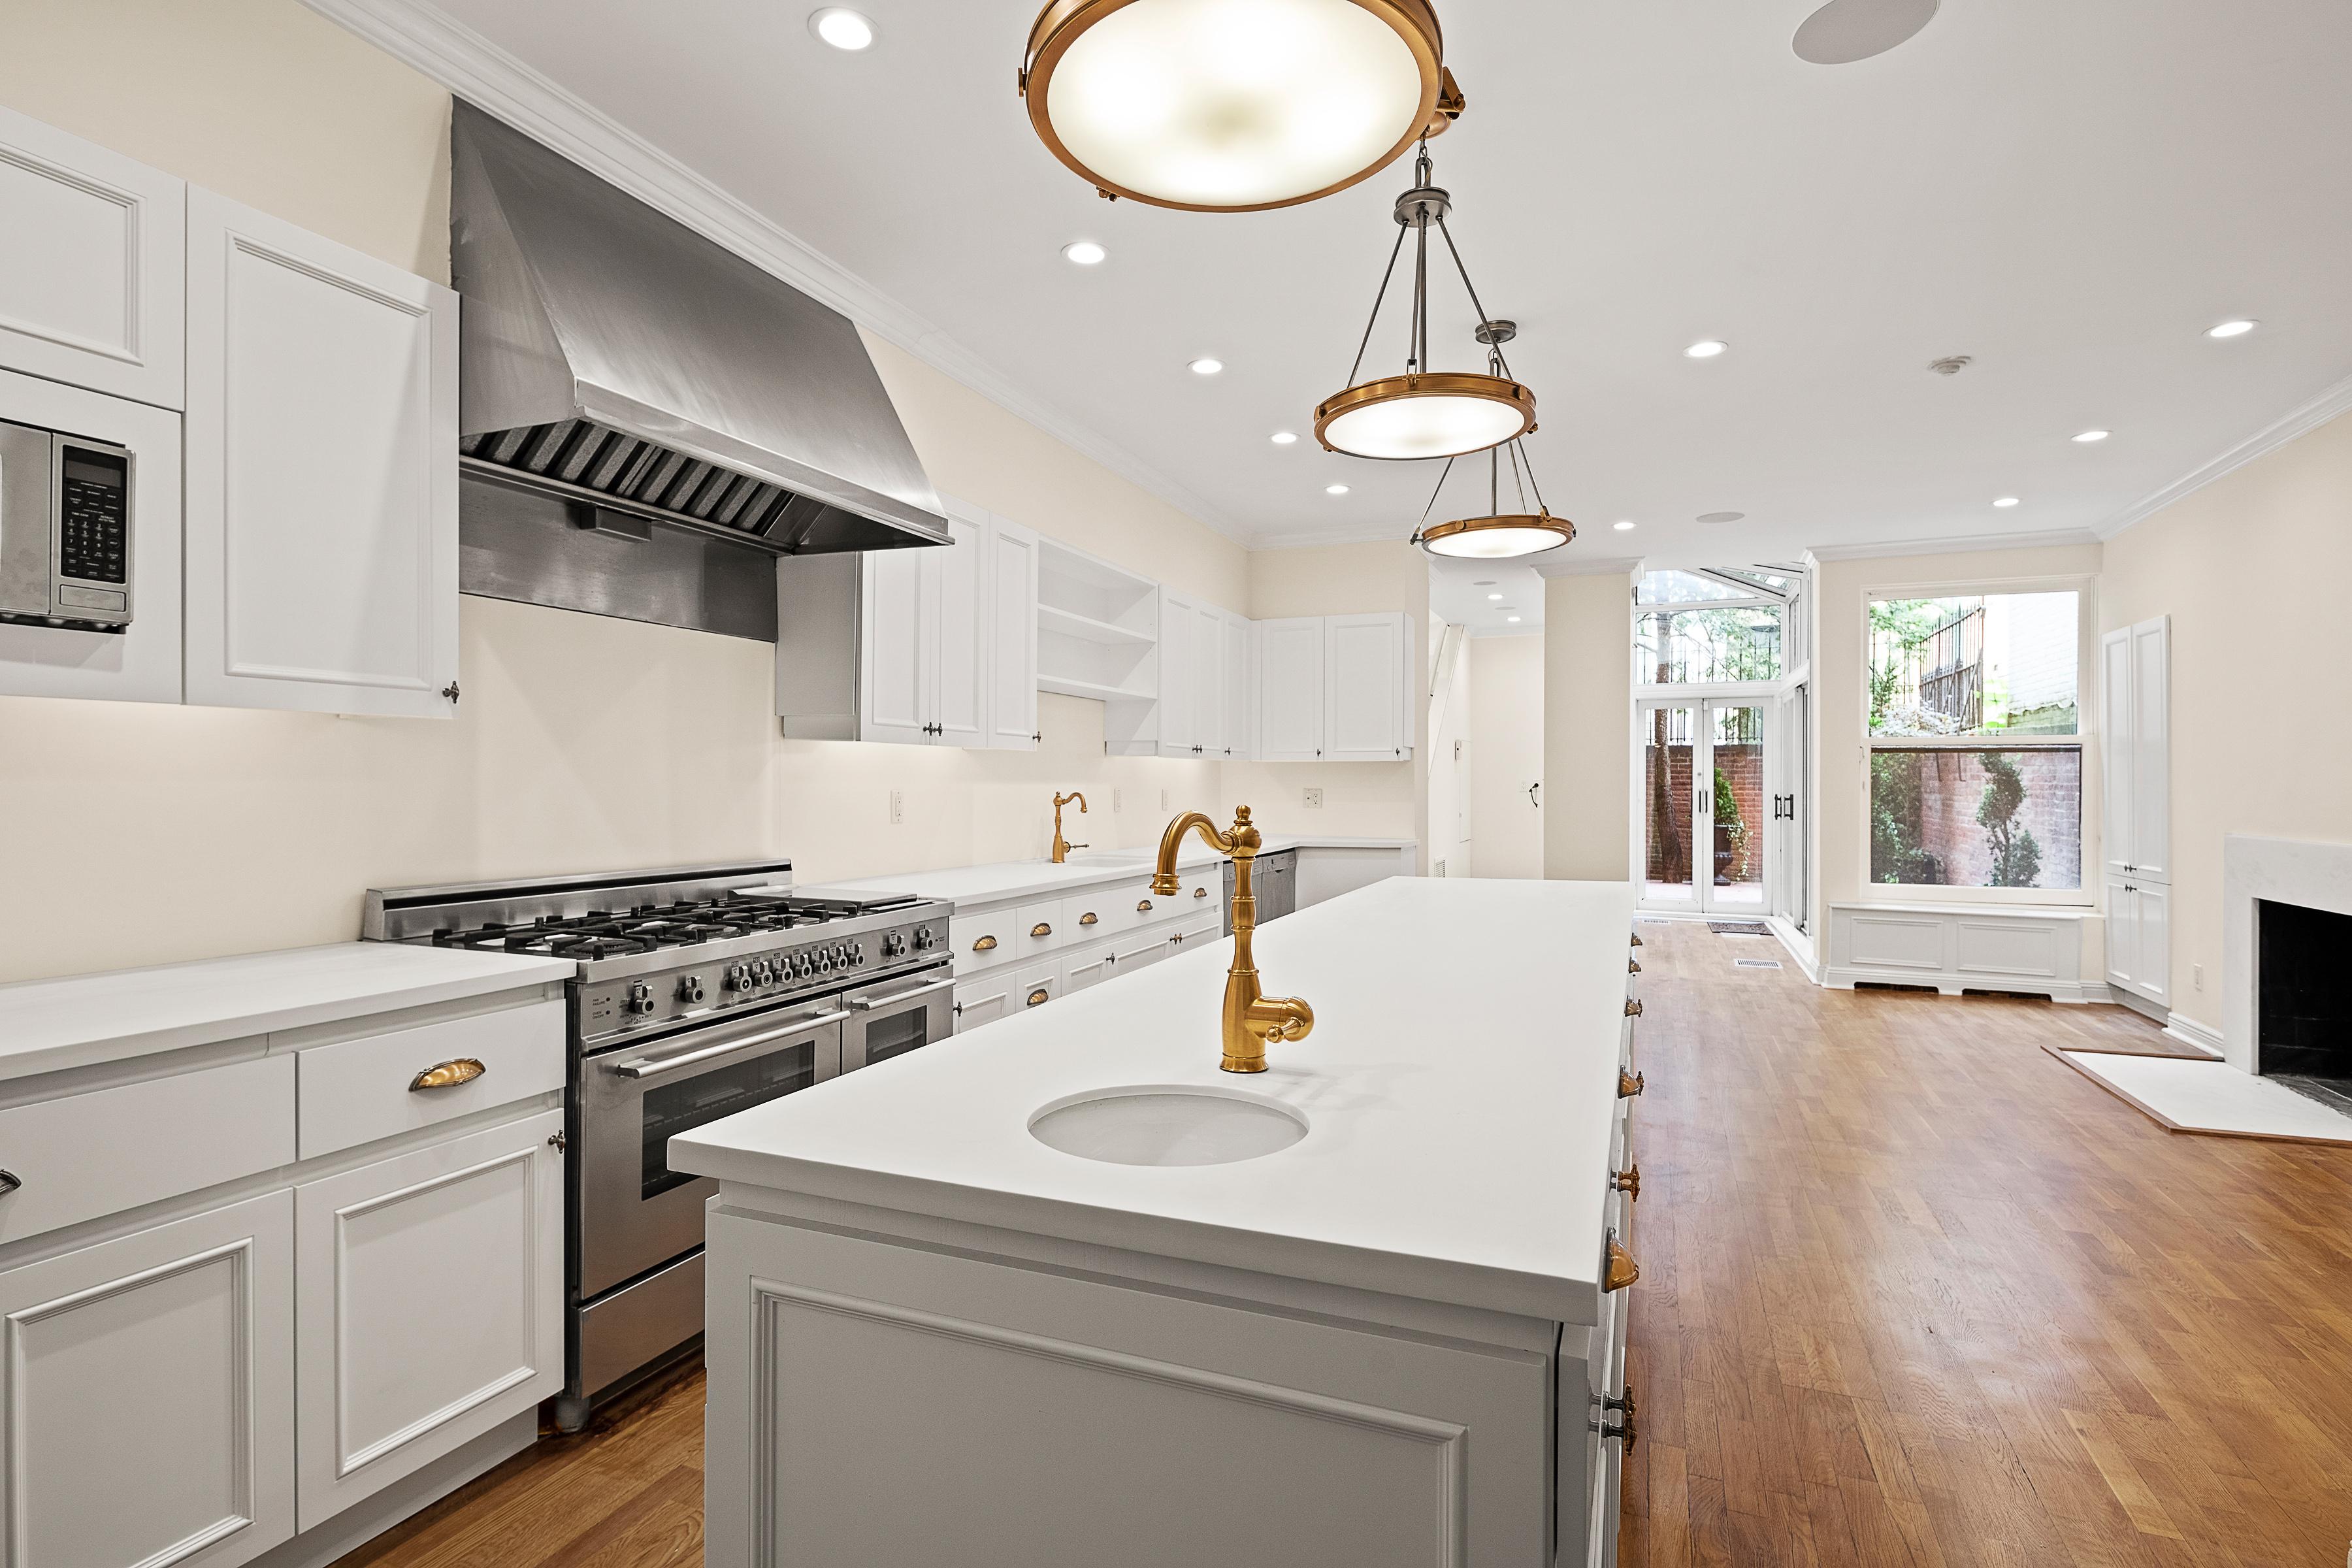 Kitchen with Garden View